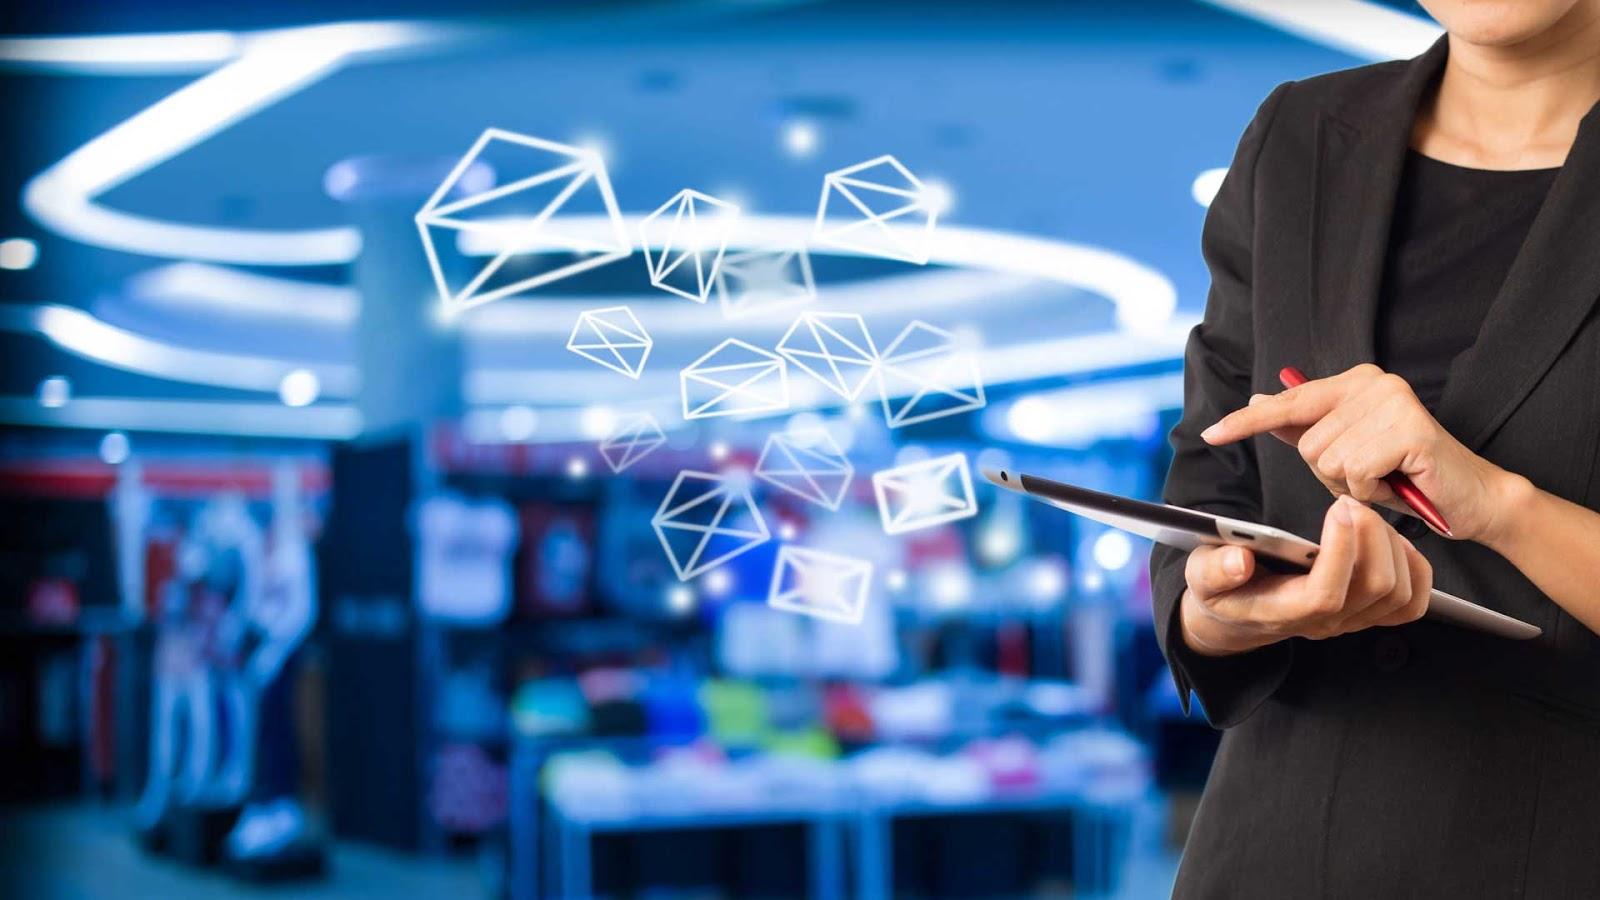 tips trik cara teknik penulisan email marketing yang sukses berhasil efektif komunikasi bisnis promosi penawaran kerjasama proposal bahan materi jenis macam arti pengertian definisi kelebihan kelemahan digital internet social media medsos periklanan advertising advantage disadvantage